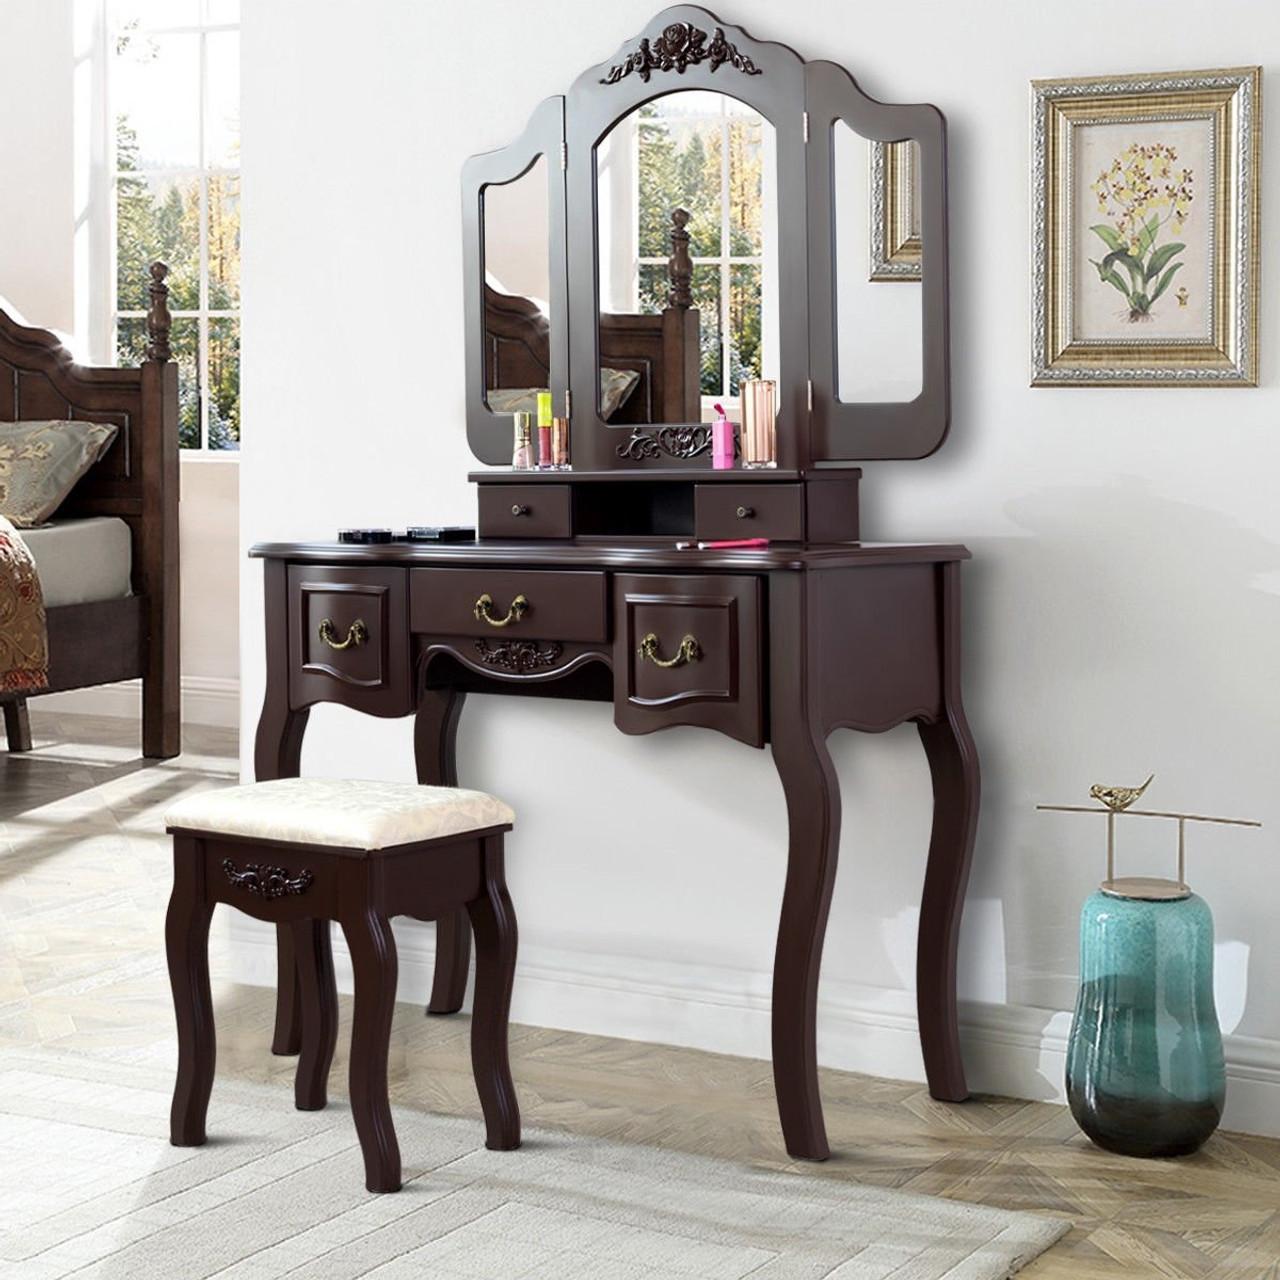 Tri Folding Vintage Vanity Makeup Dressing Table Set 5 Drawers Christmas Black Brown Hw59433cf By Cw